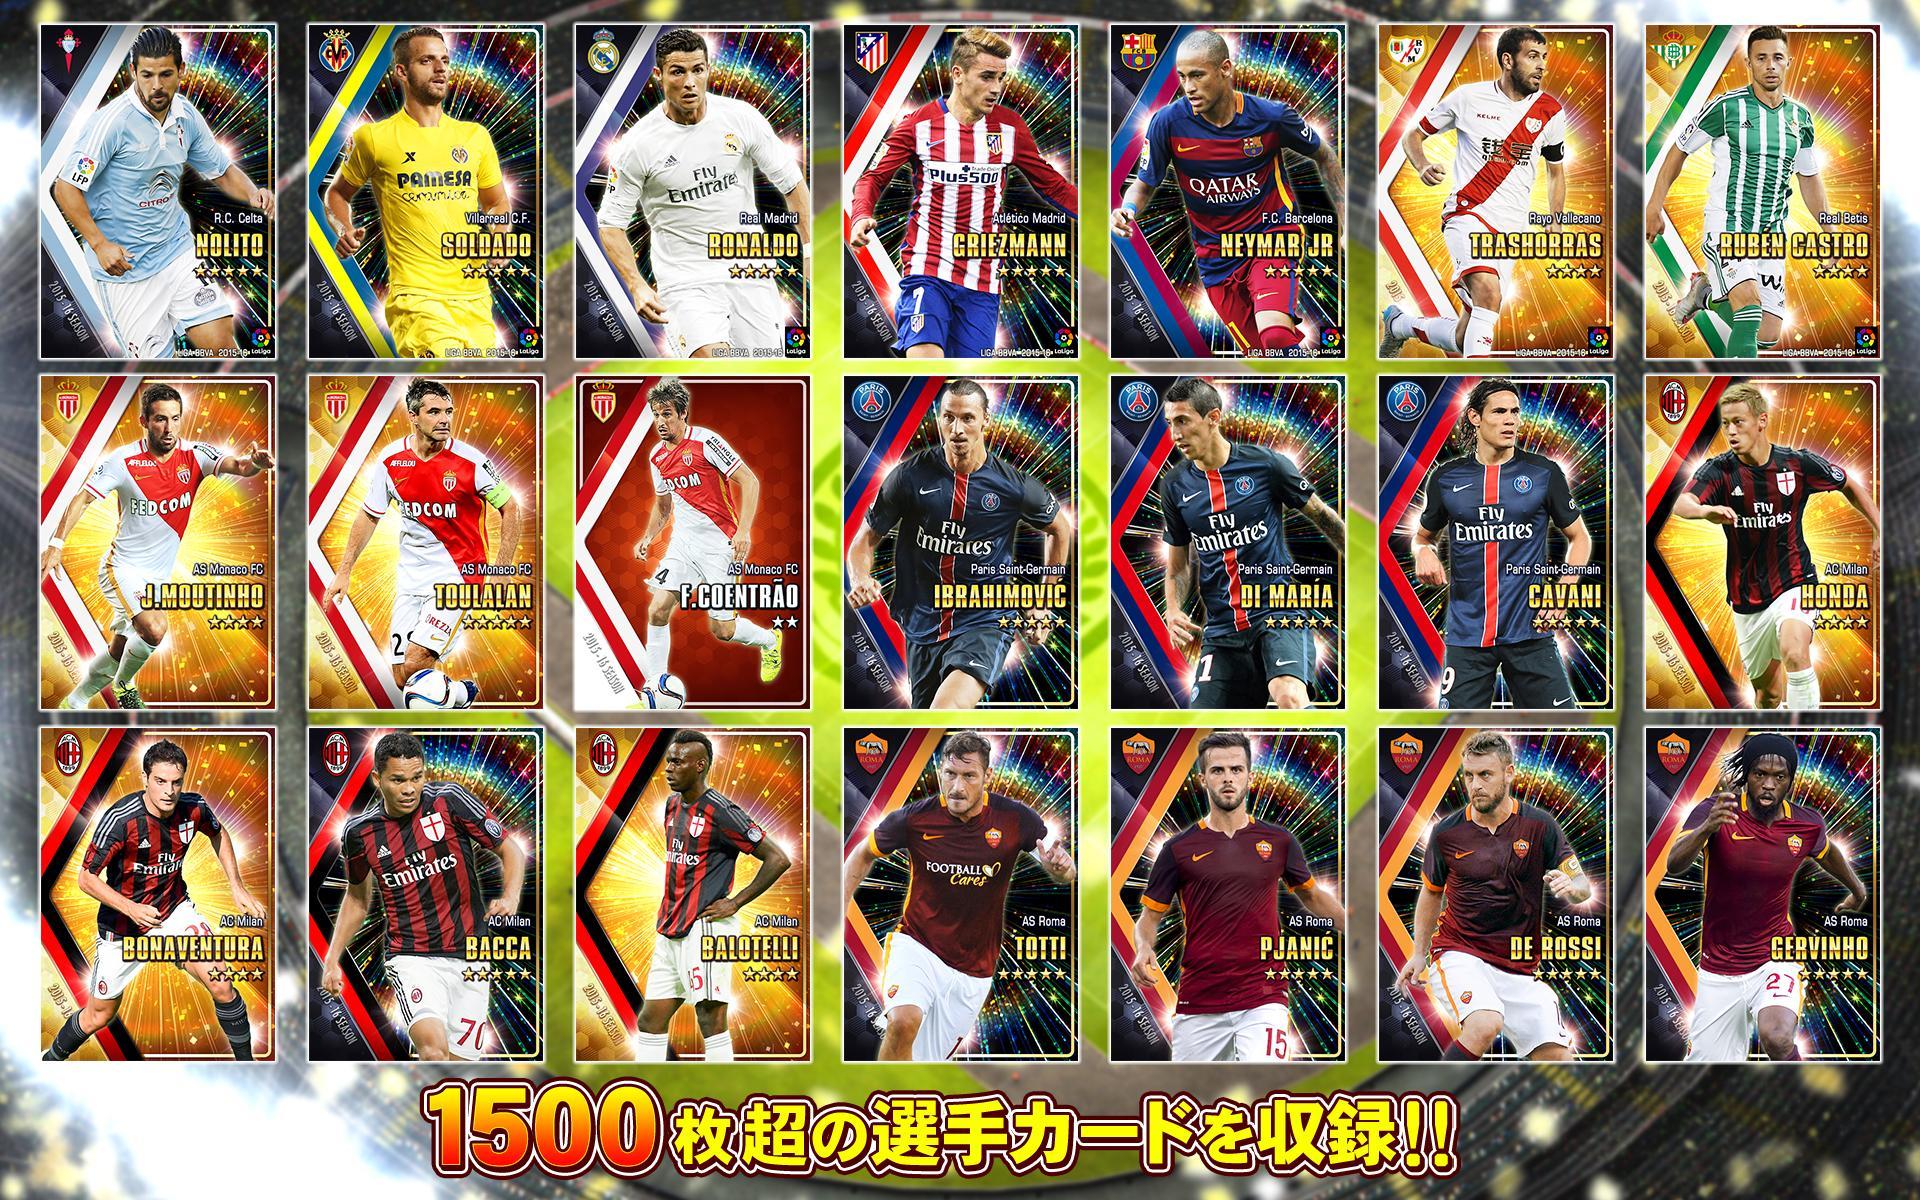 ワールドサッカーコレクションS screenshot #5